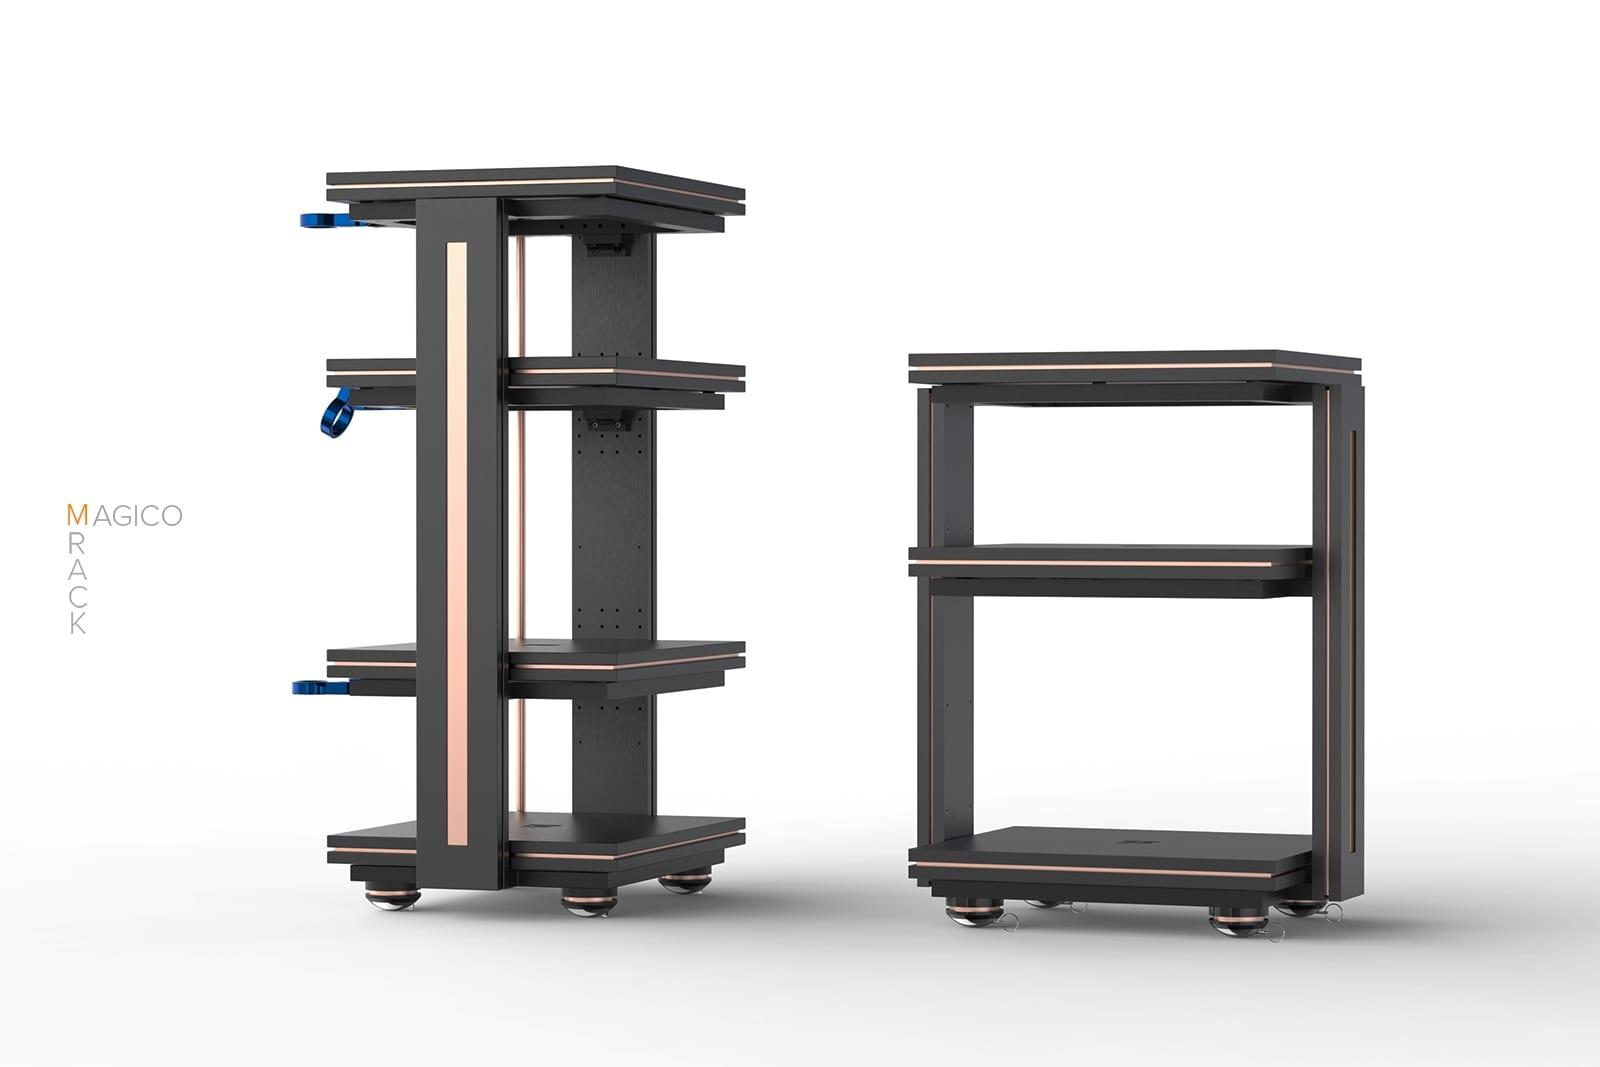 Magico Introduces MRACK Audio Equipment Stand